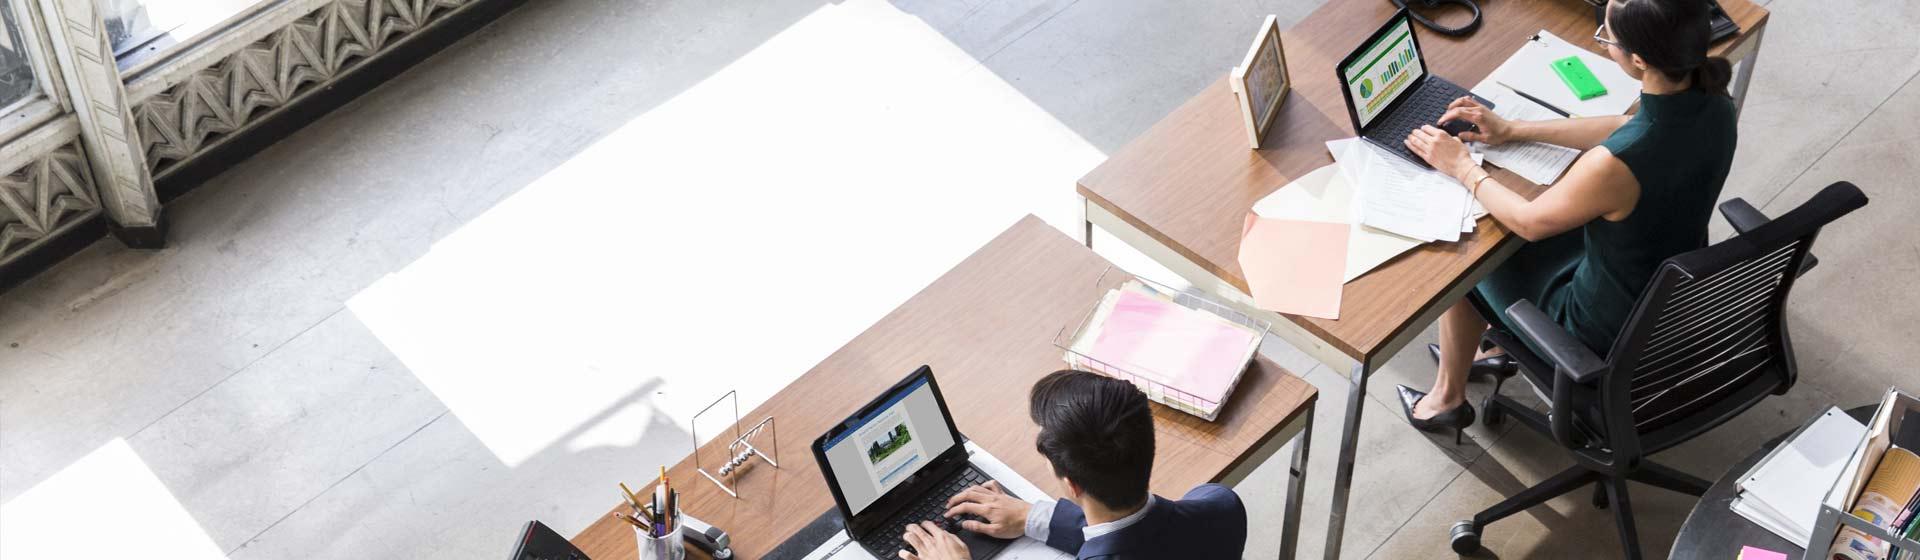 Ostvarite veću vrednost – izvršite nadogradnju sa sistema Office 2013 na Office 365 već danas